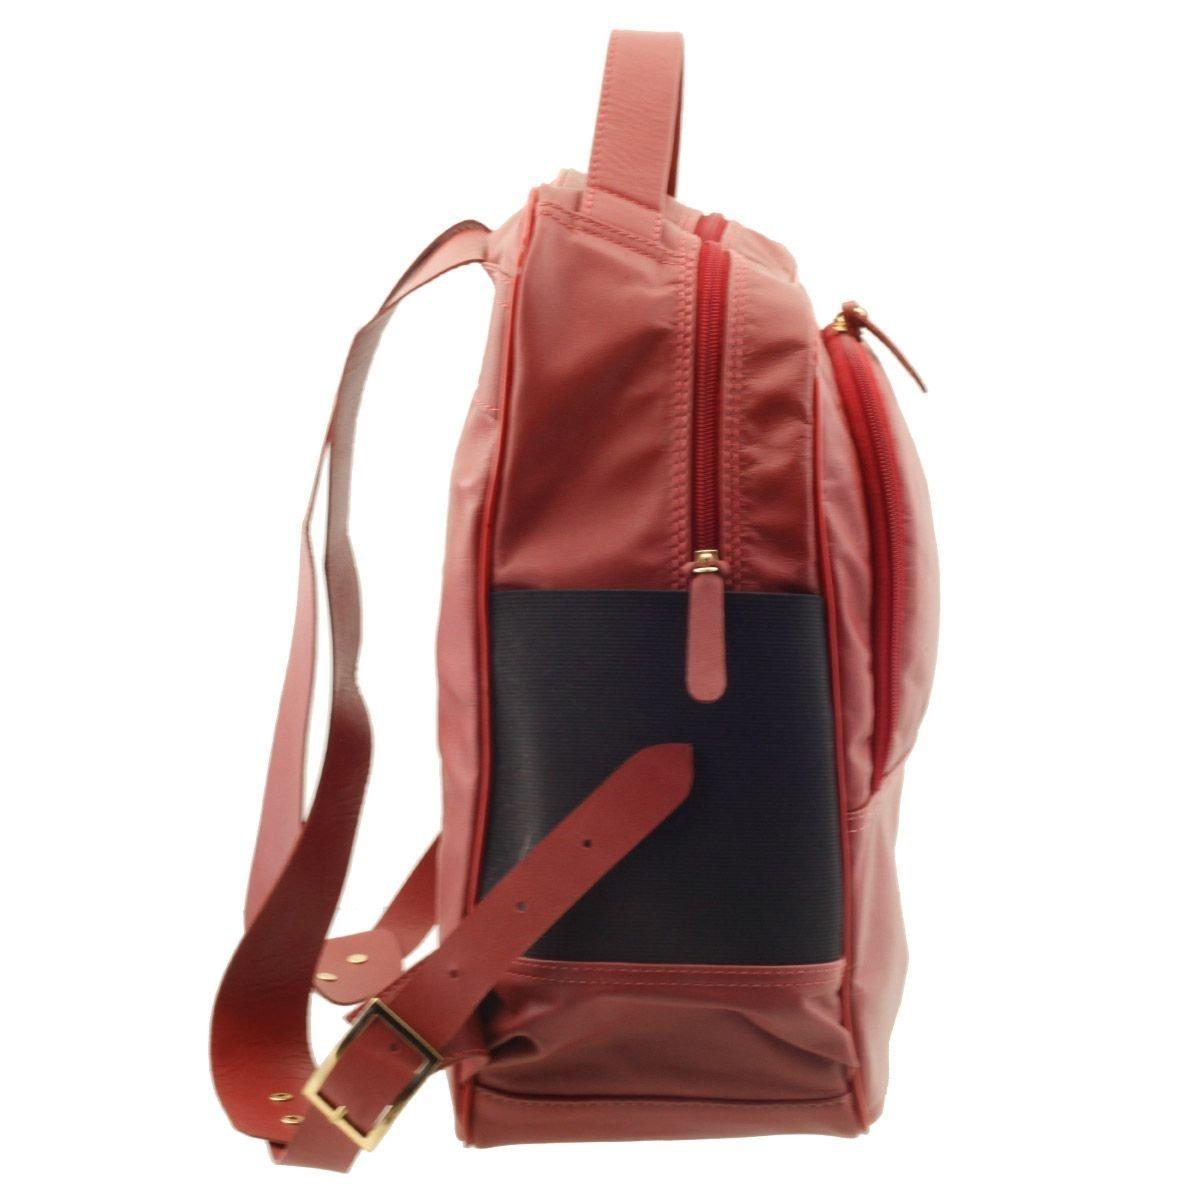 dd96123065 mochila em couro legítimo arzon vermelha. Carregando zoom.